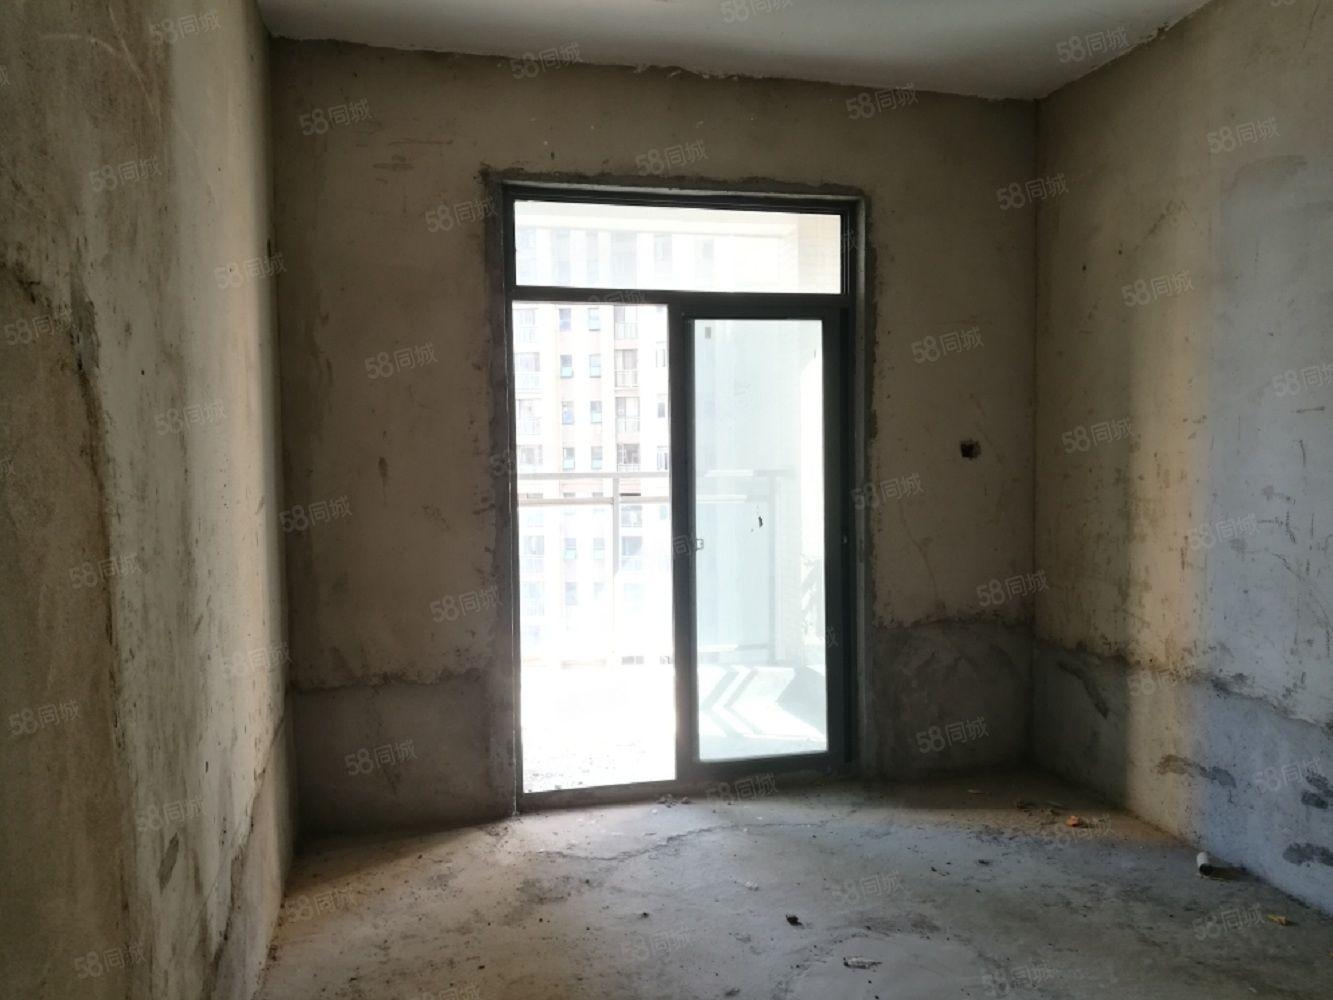 萬達旁星河天街,兩室,毛坯,證滿,中間樓層,性價比高